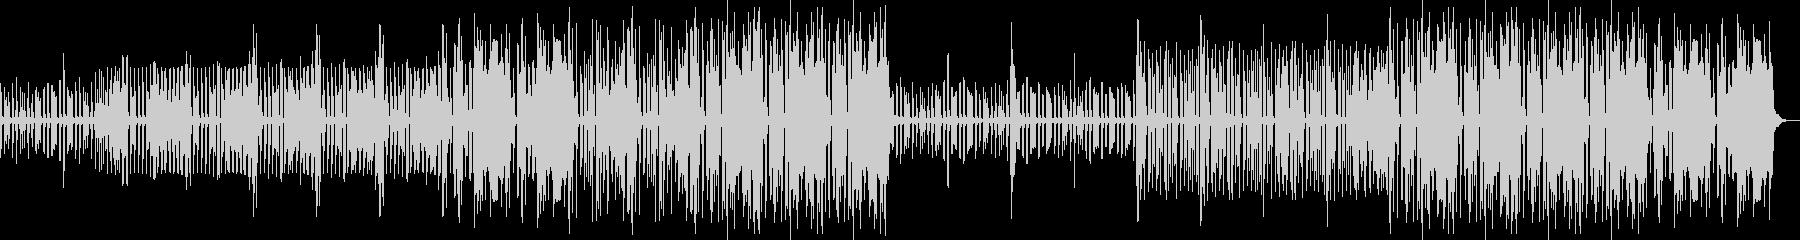 プログレッシブ 交響曲 トラップ ...の未再生の波形